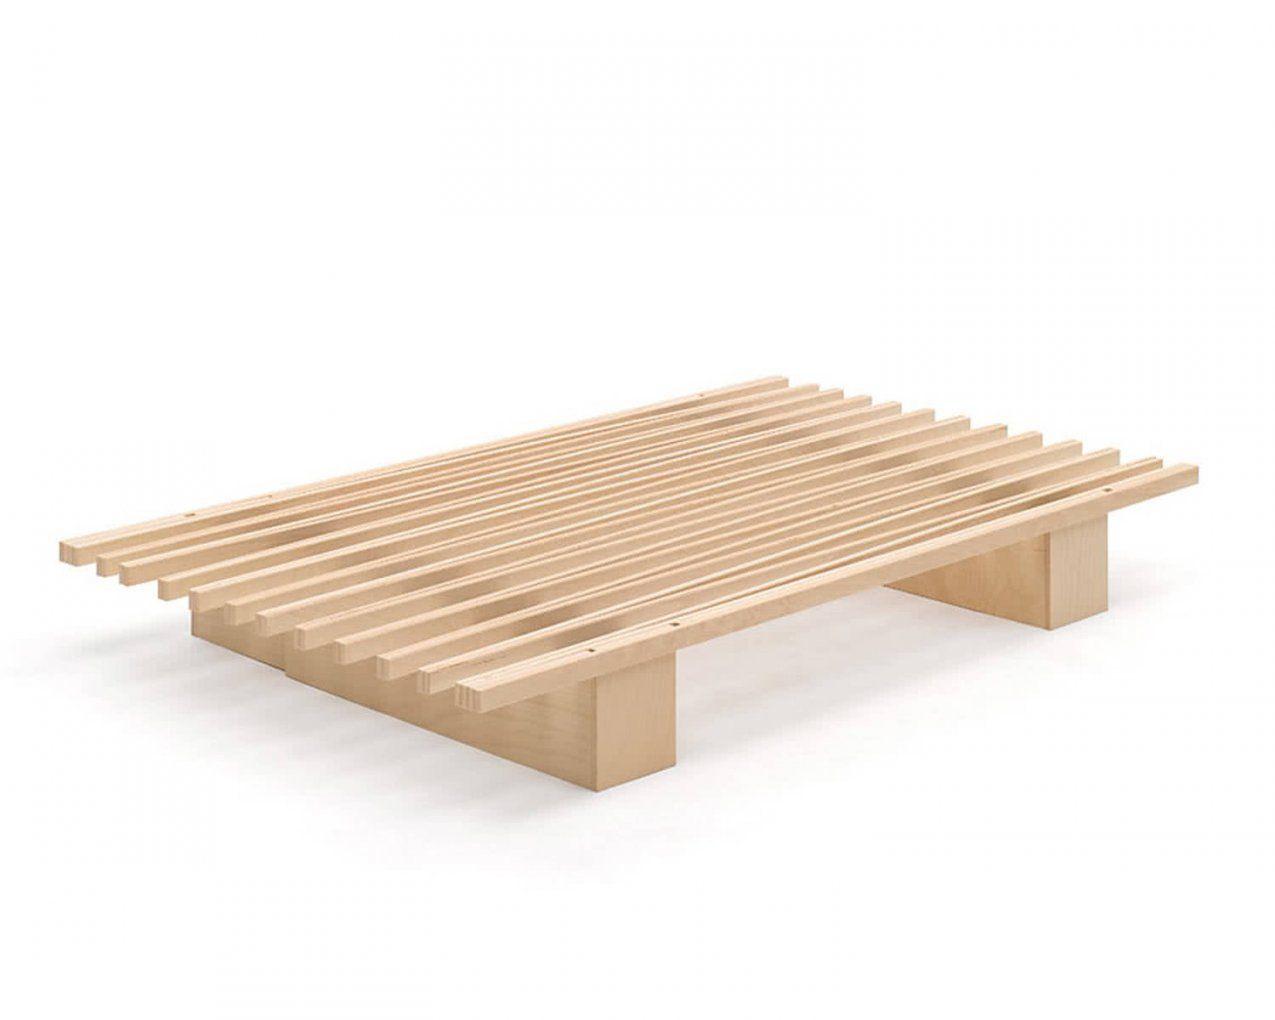 Gästebetten Tagesbetten  Bettgestelle Von Ikea Tagesbett von Bett Zum Ausziehen Auf Gleicher Höhe Photo